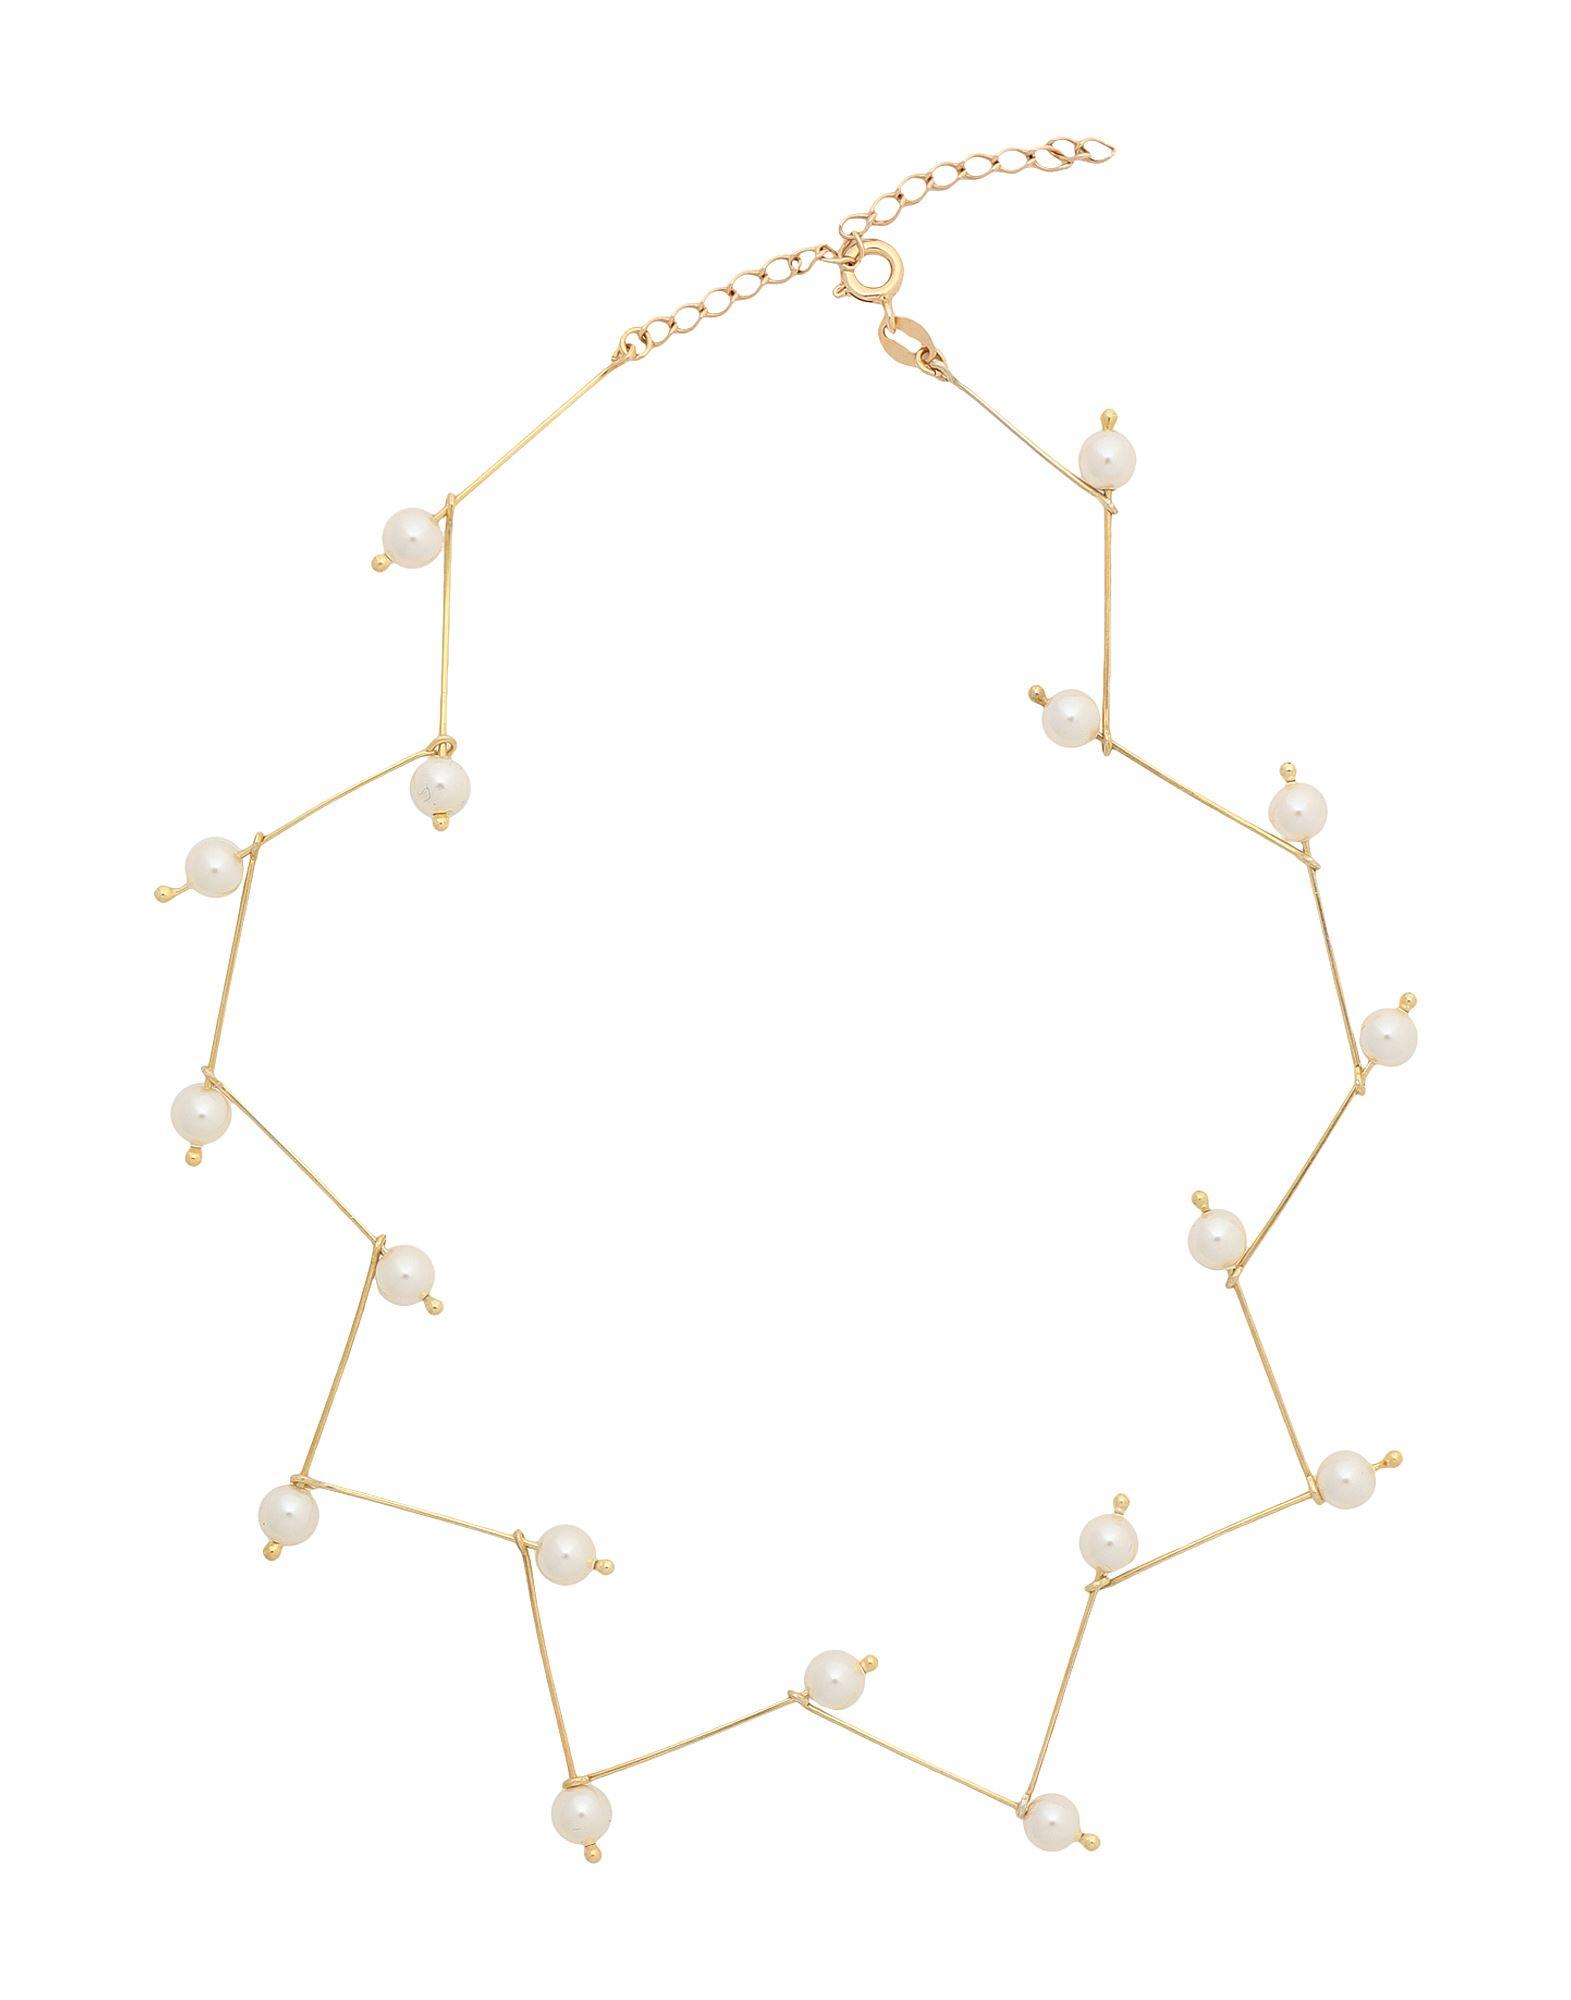 《セール開催中》8 by YOOX レディース ネックレス ゴールド シルバー925/1000 GOLD PLATED 925 SILVER CHARM CHOKER